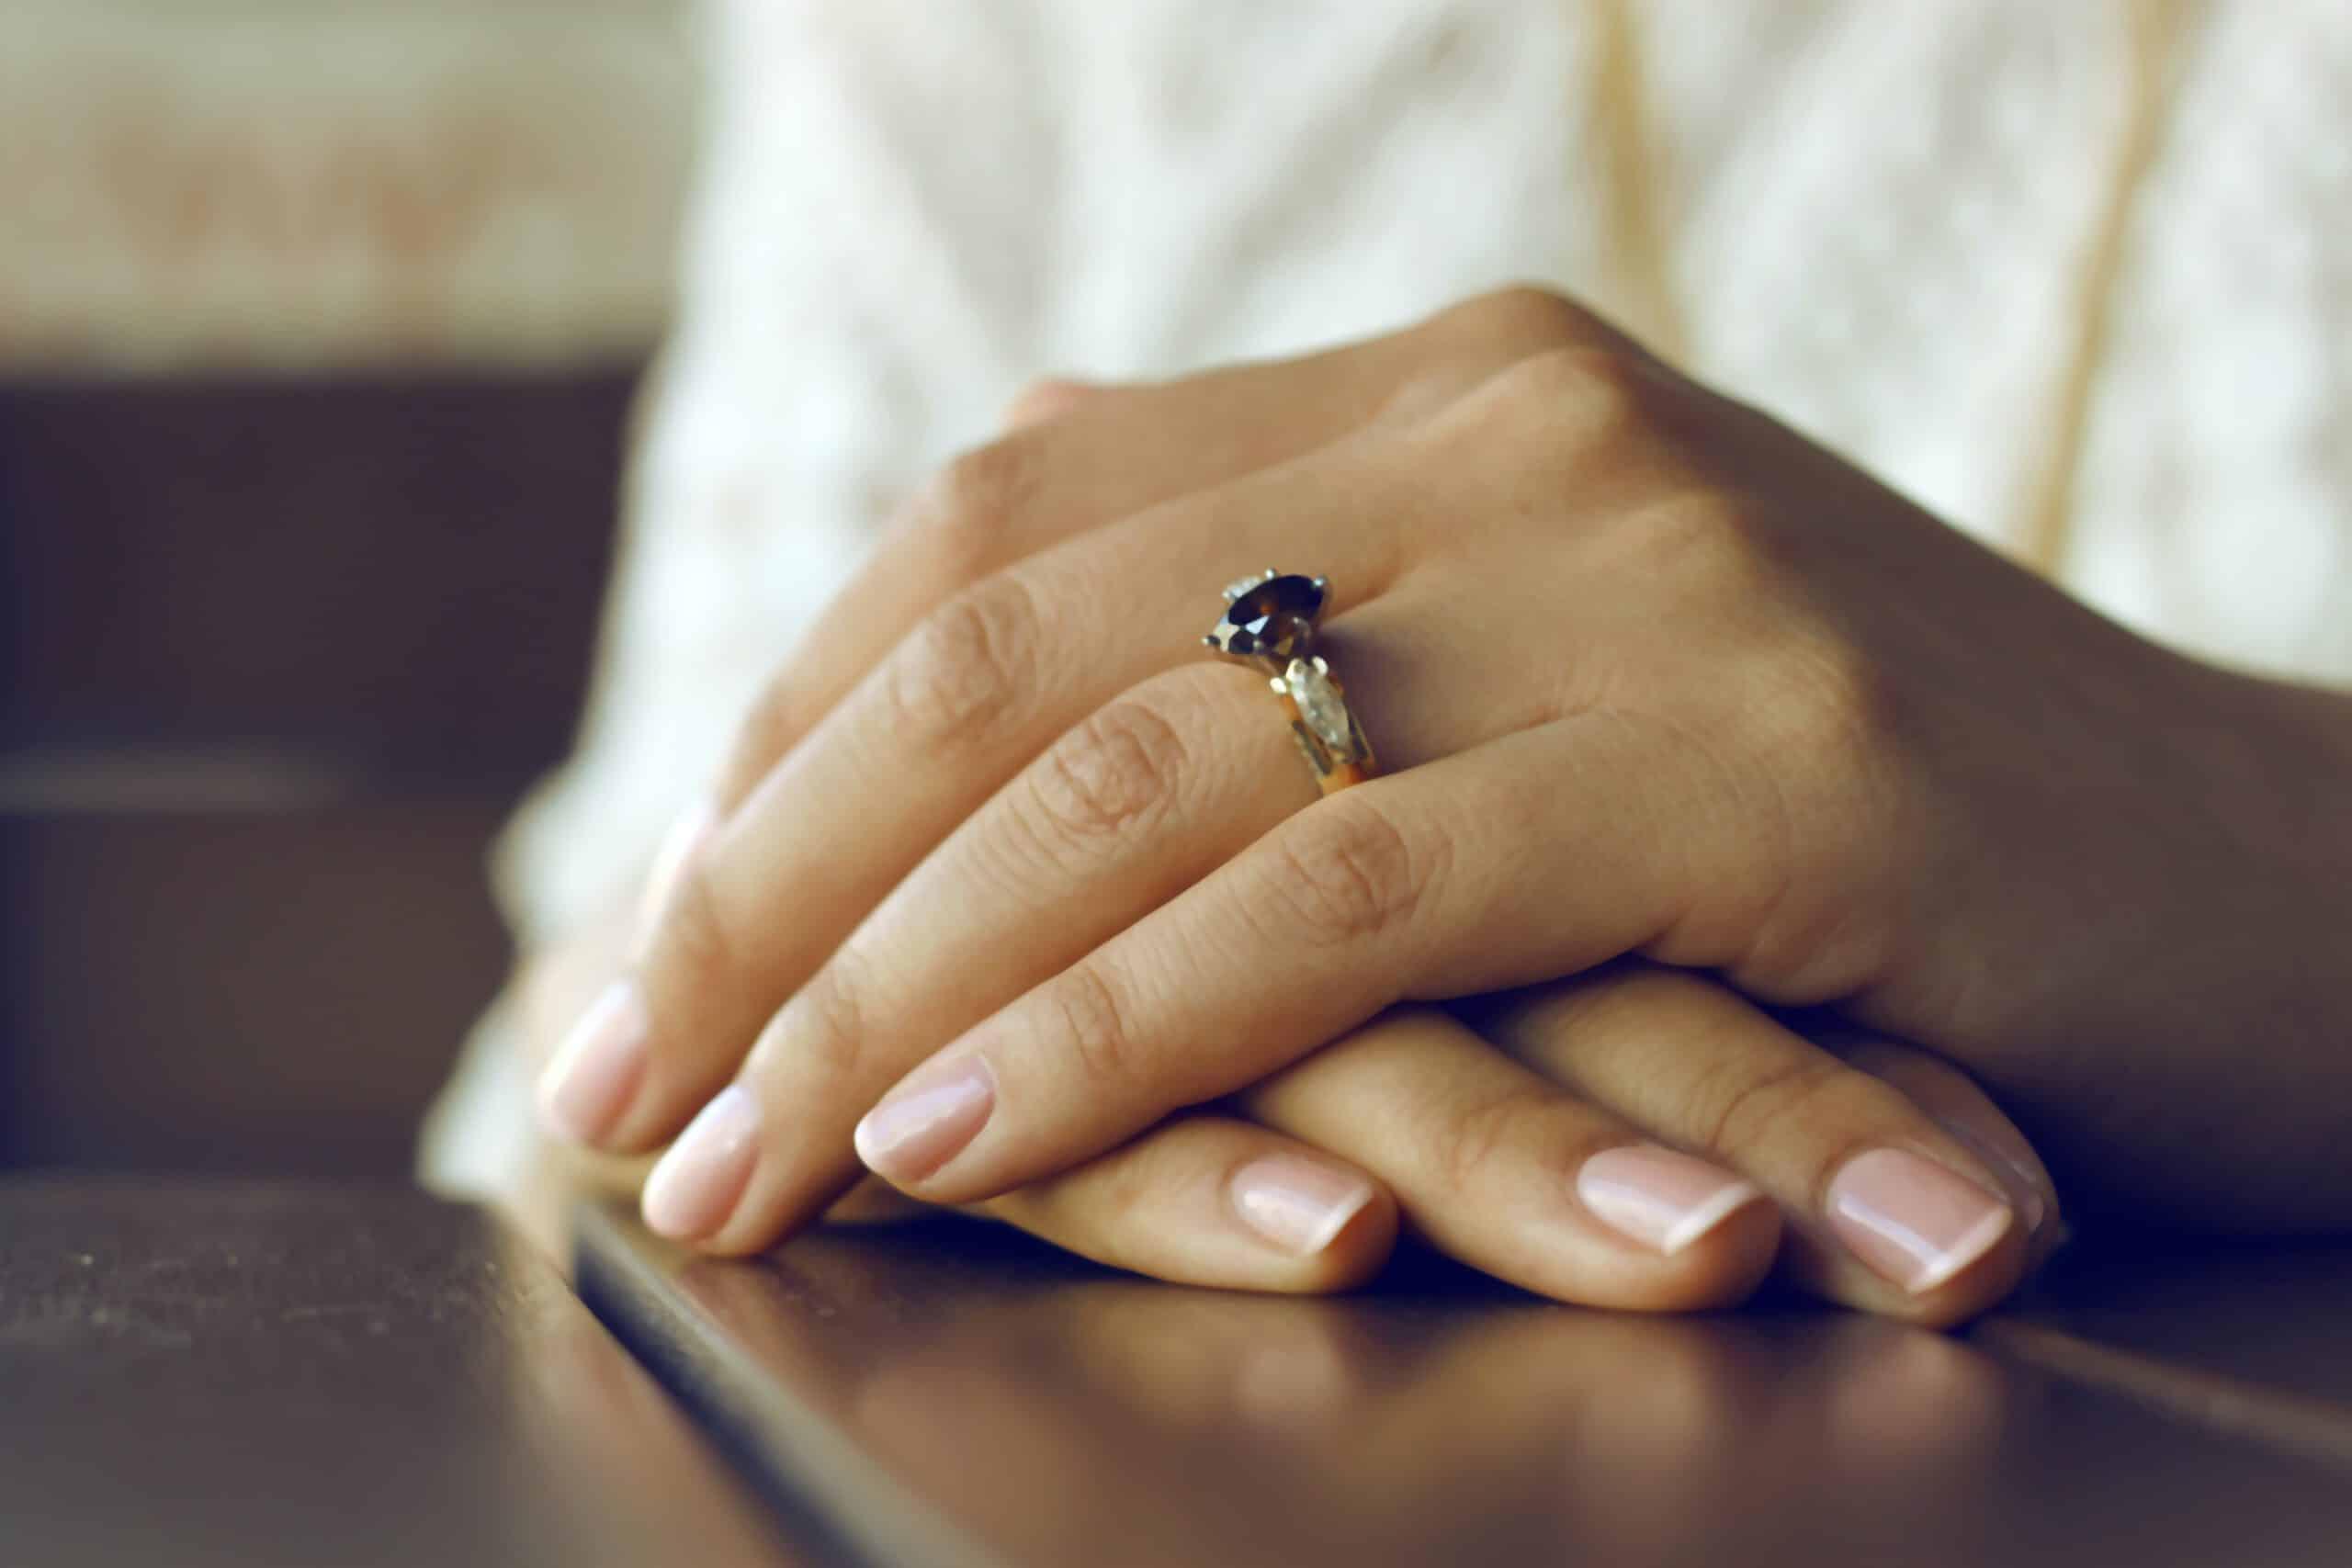 Kosmetyki, dzięki którym Twoje dłonie będą piękne i zadbane